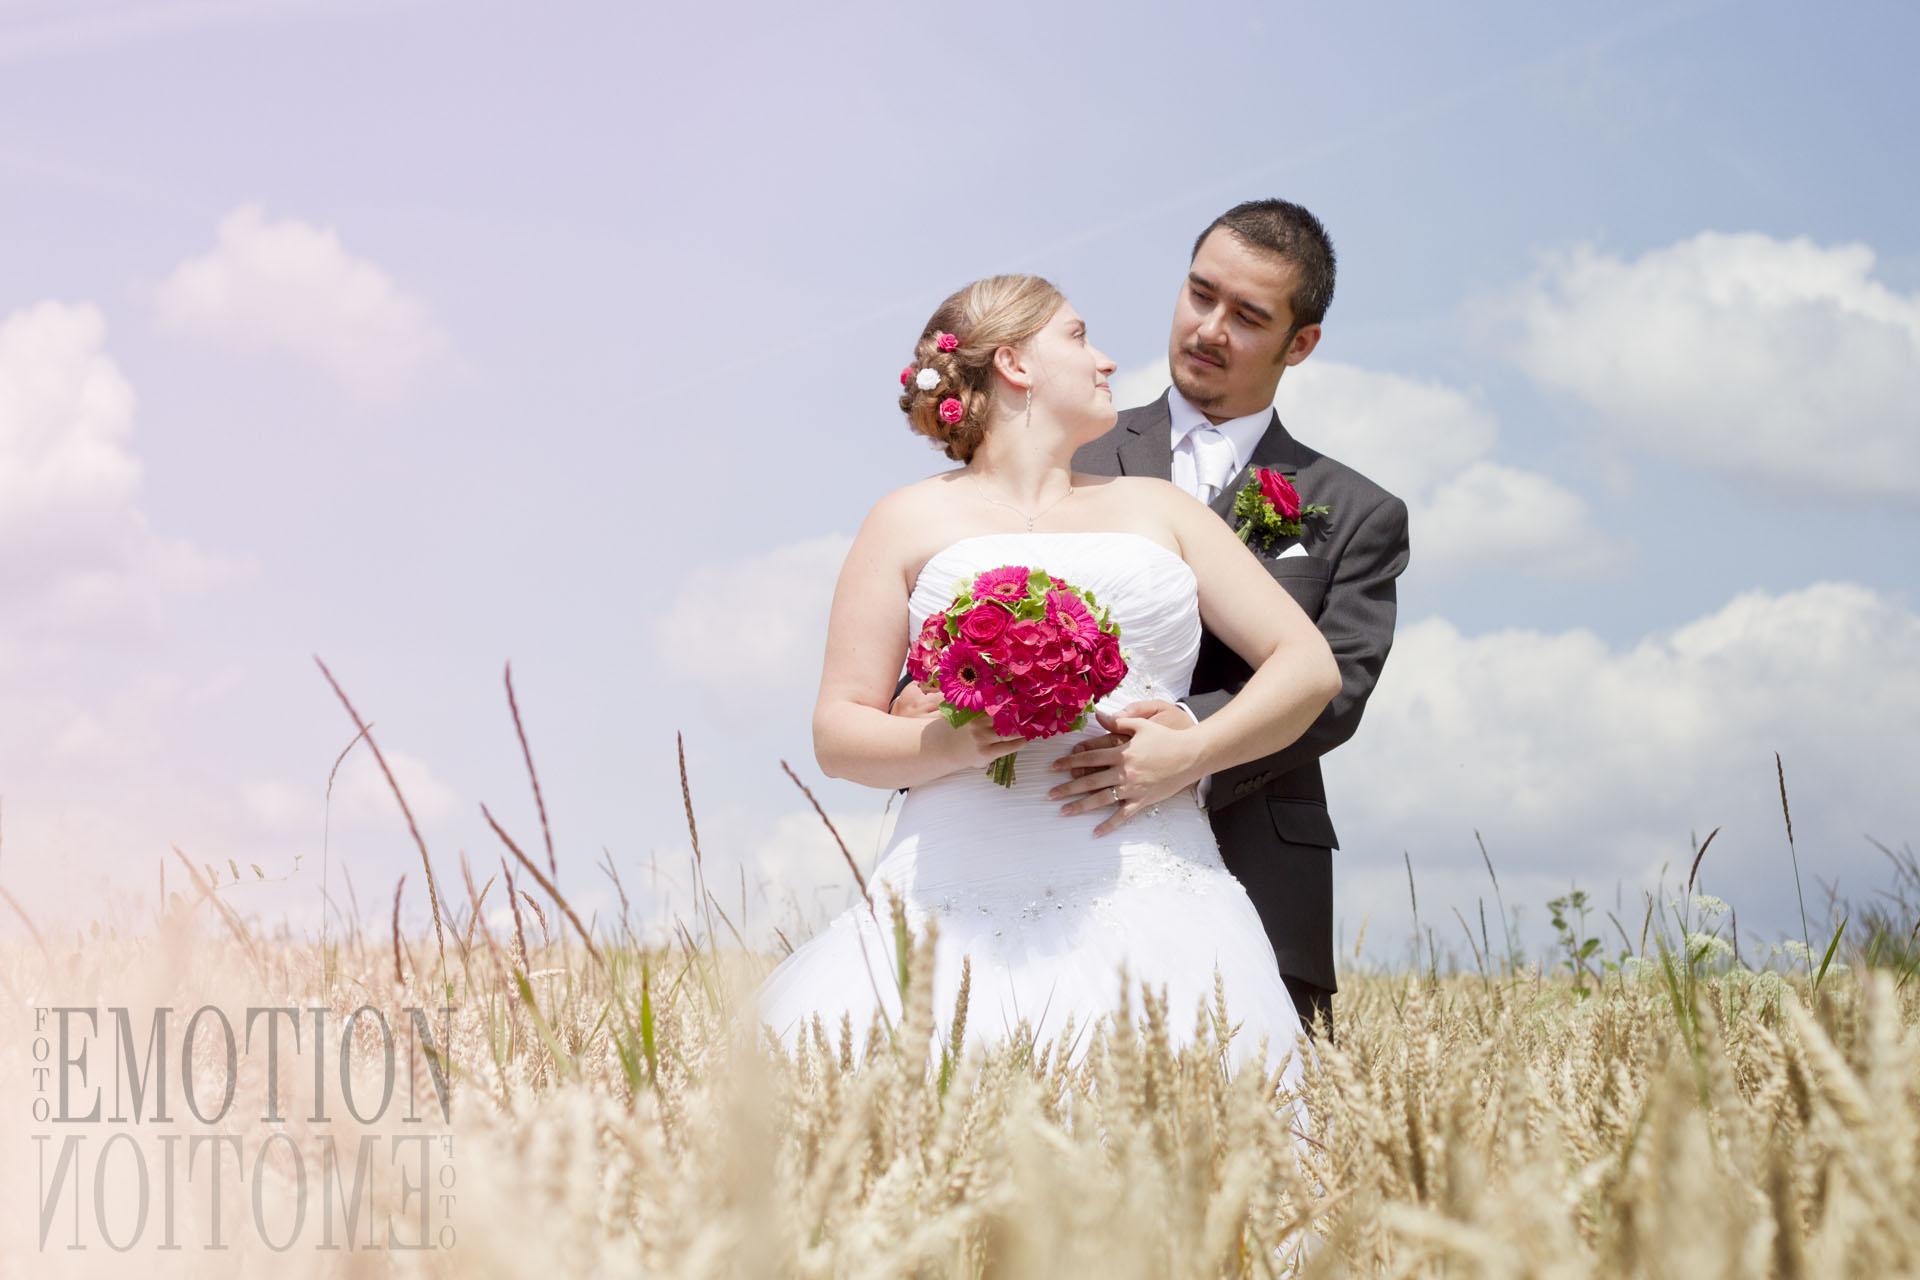 profesionalni-foceni-svatby-se-slevou